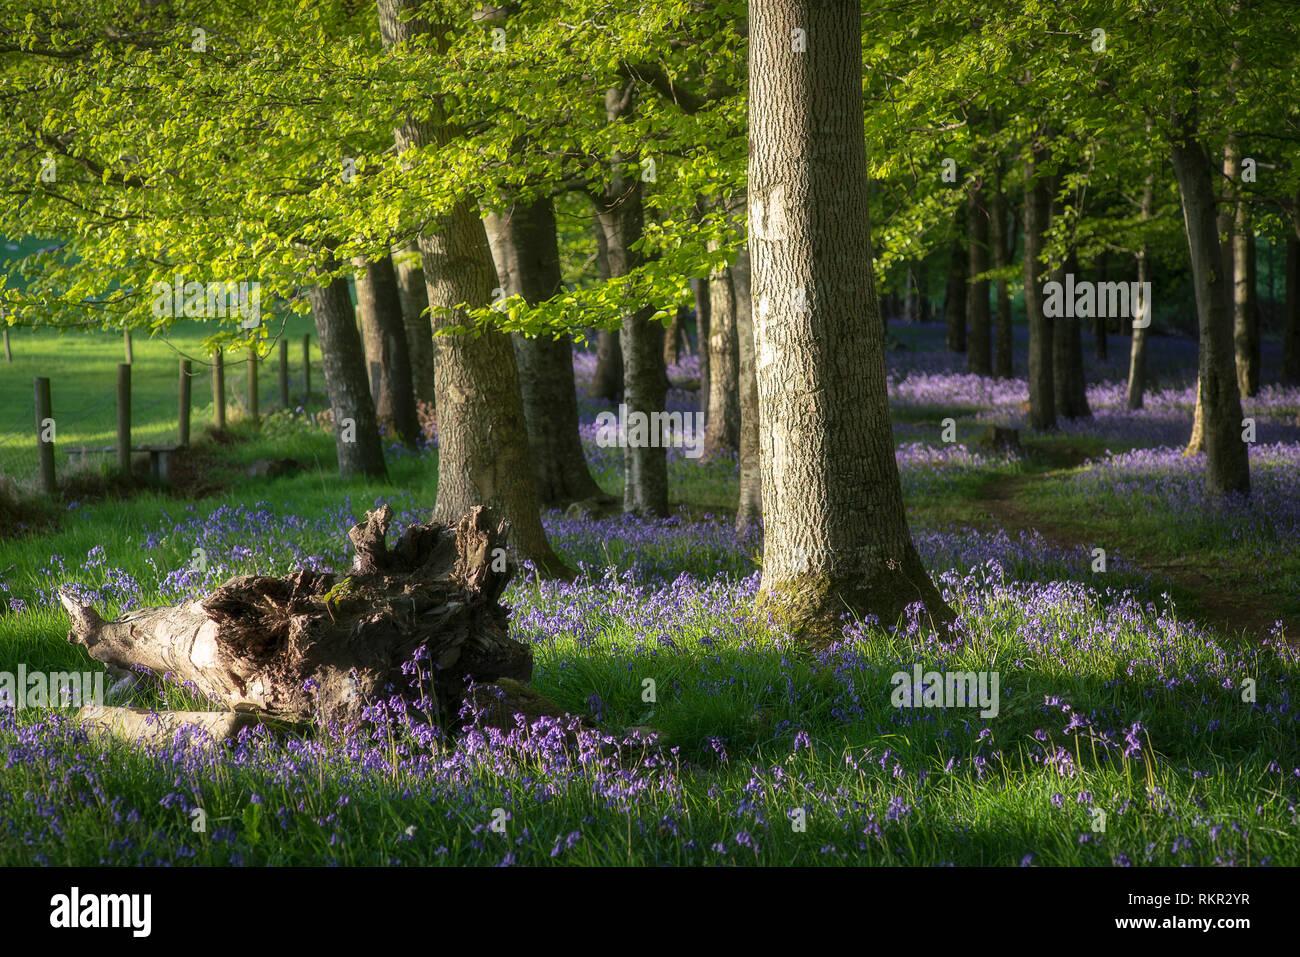 Los árboles en una alfombra de blooming campanillas en Tollymore, Irlanda del Norte. Foto de stock